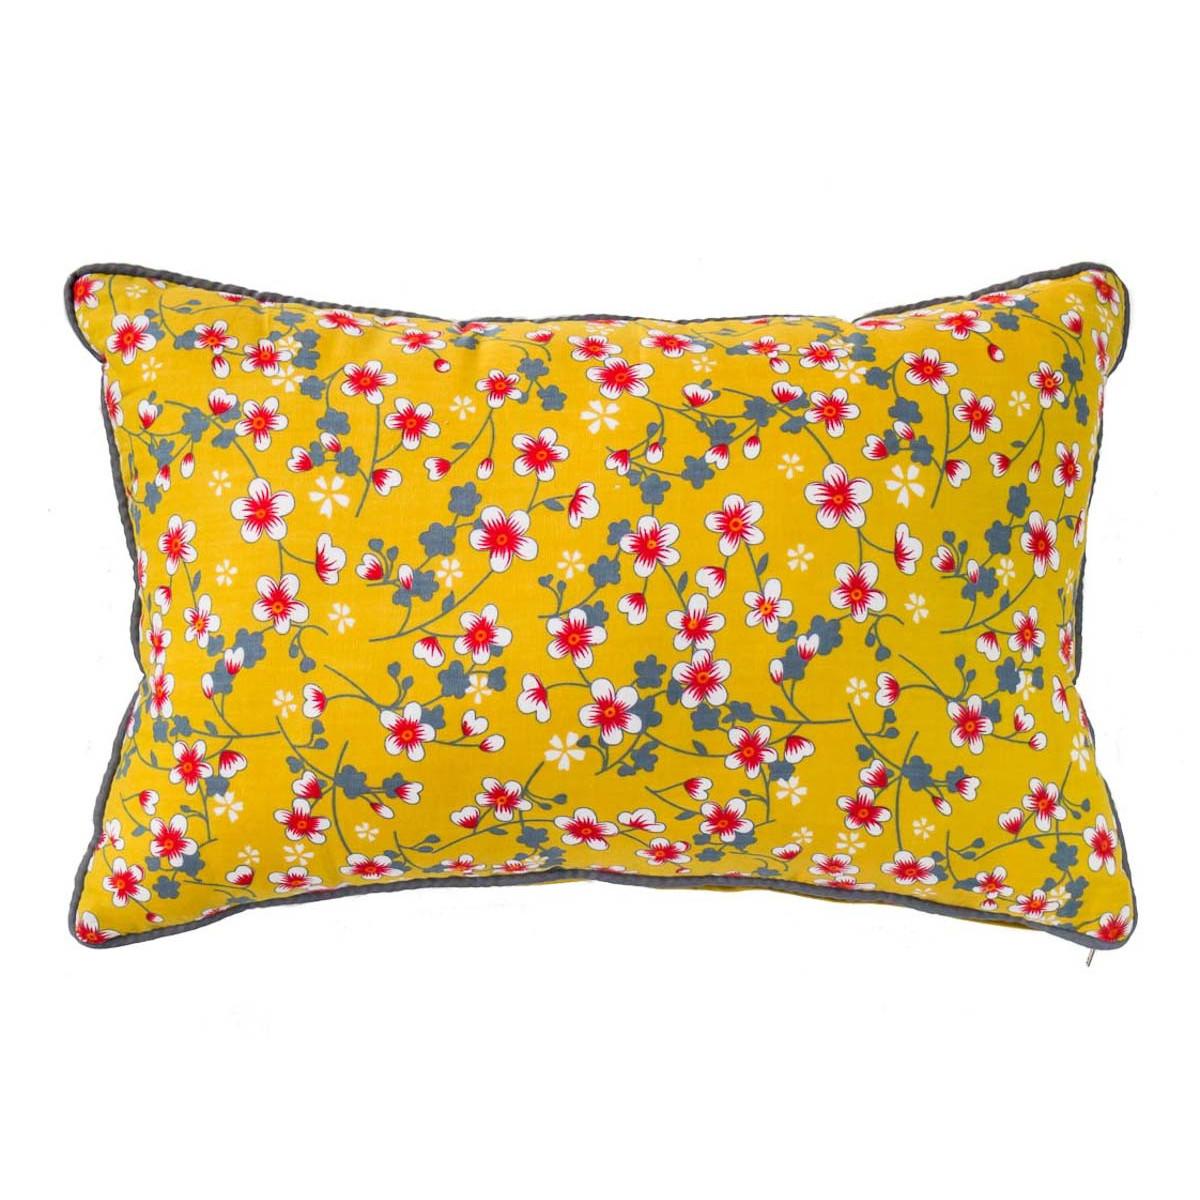 Petit coussin rectangle déhoussable jaune moutarde et fleurs cerisiers